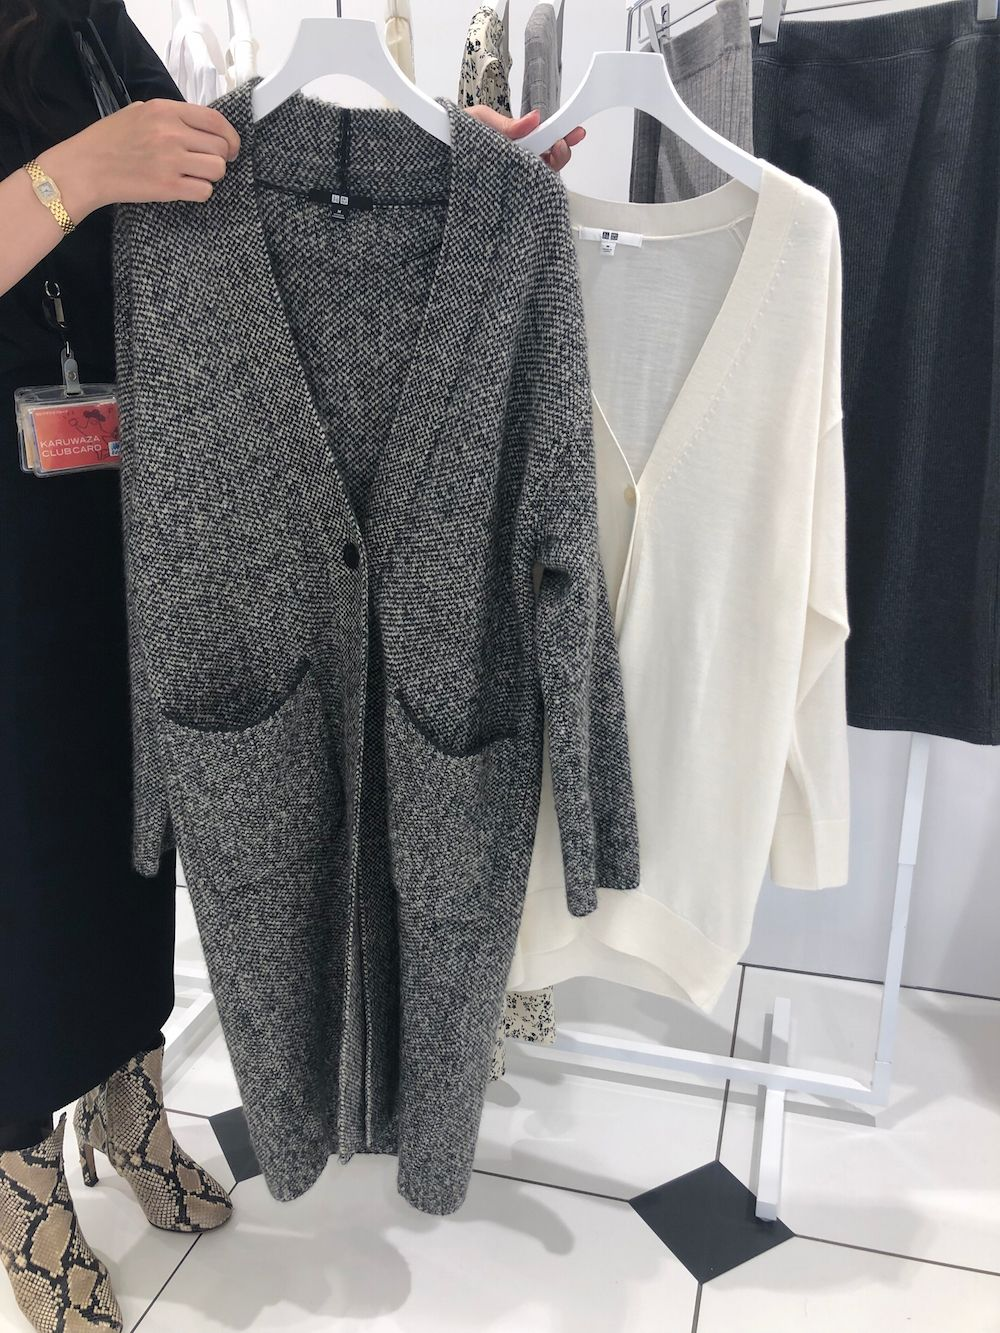 【2019年】秋ファッションのトレンドは? - 注目のキーワードや、『ユニクロ』『ZARA』など人気ブランドの秋冬展示会まとめ_23